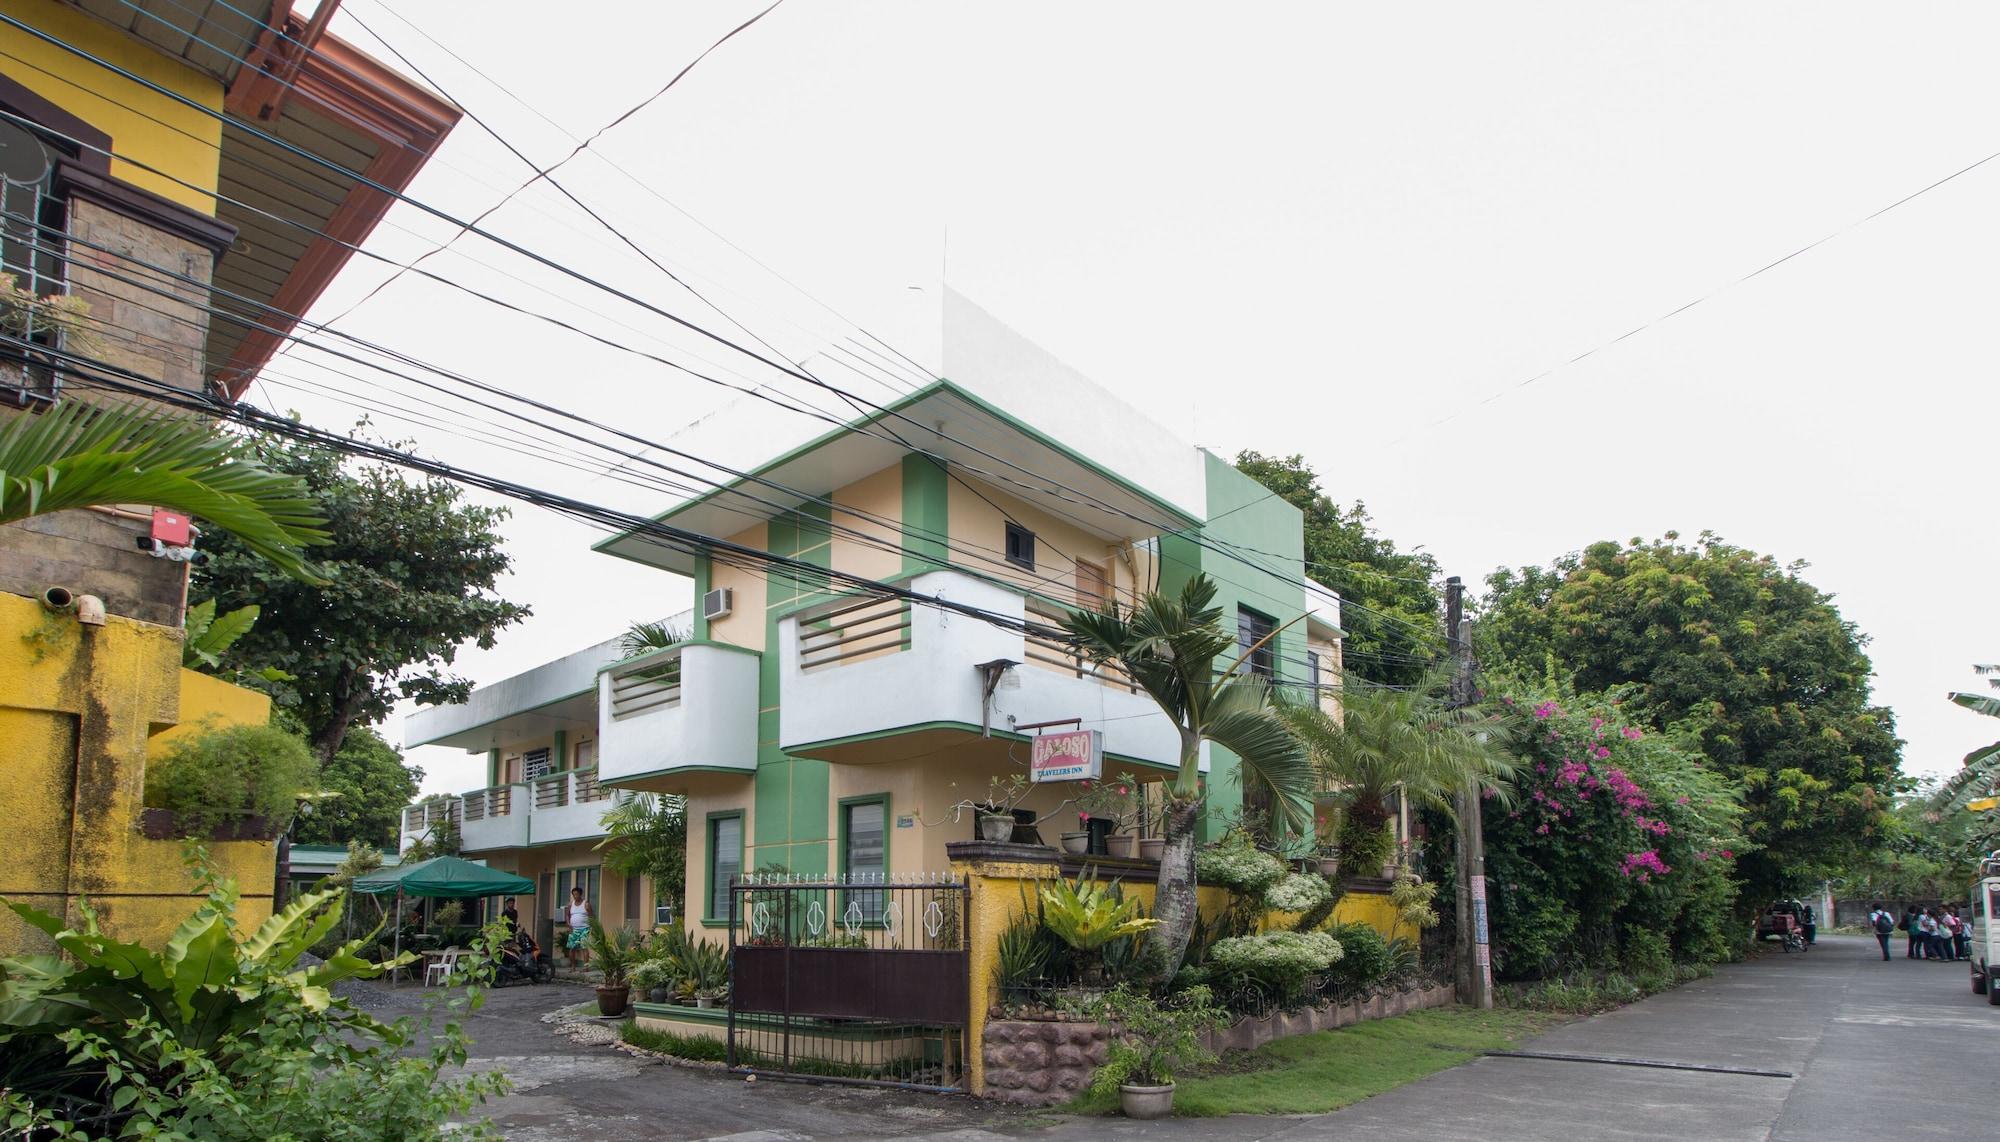 RedDoorz near Mariners Legazpi, Legazpi City